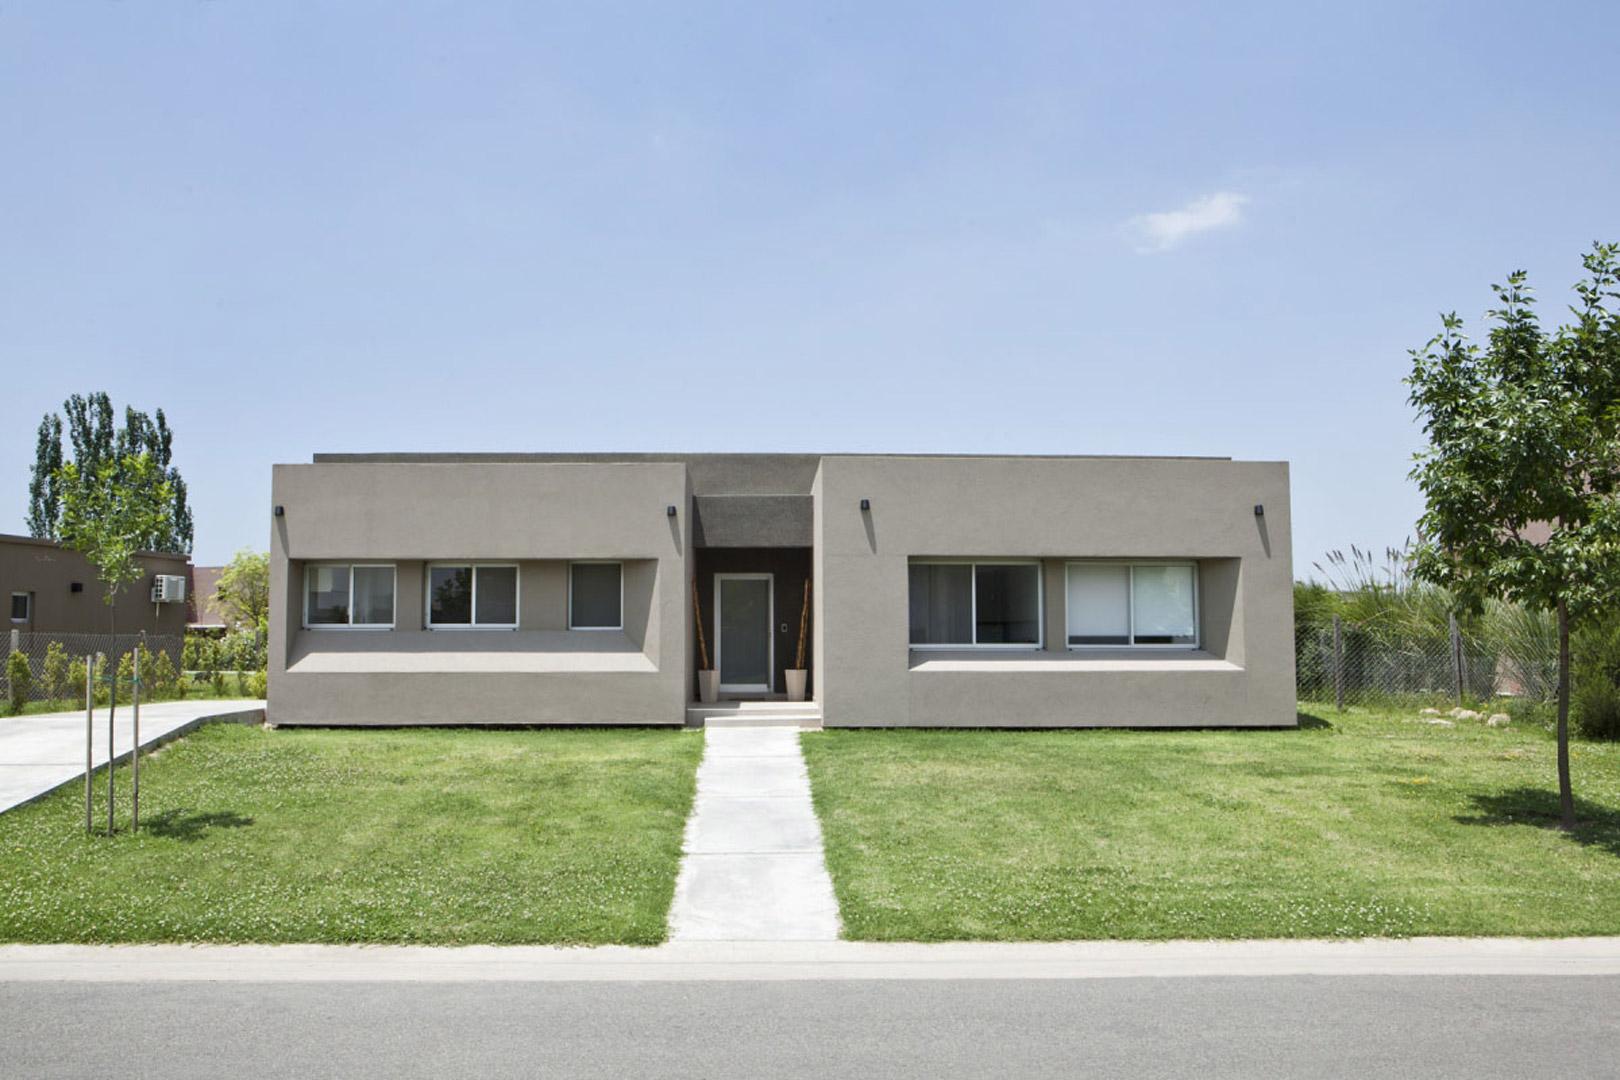 Mid arquitectura casa estilo actual racionalista for Arquitectura racionalista